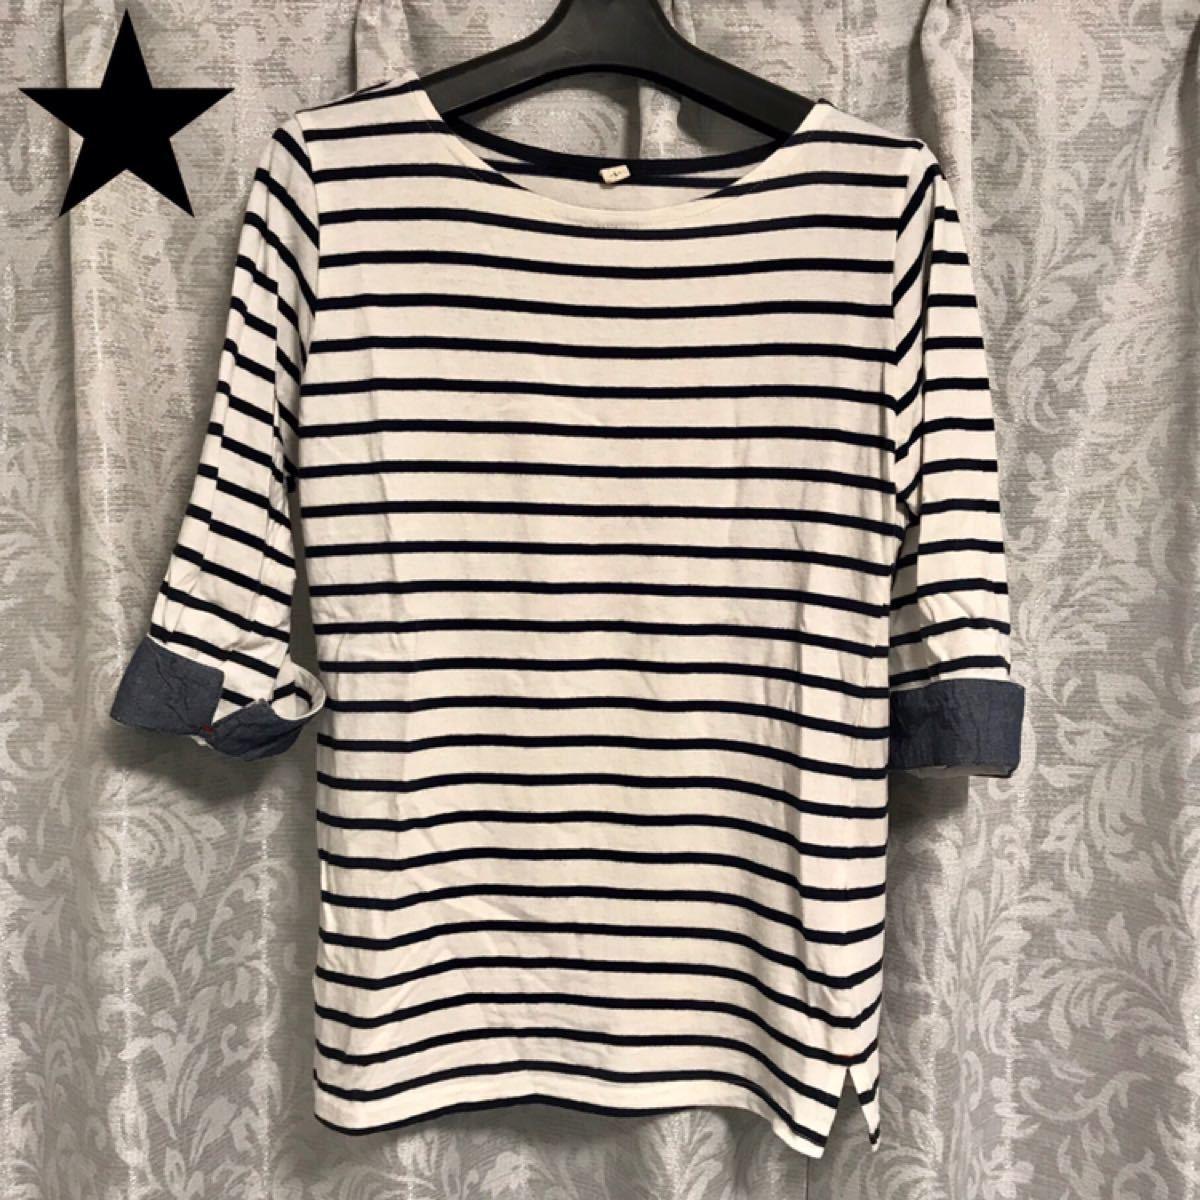 七分袖!美品!ボーダーカットソー*Tシャツ*Lサイズ